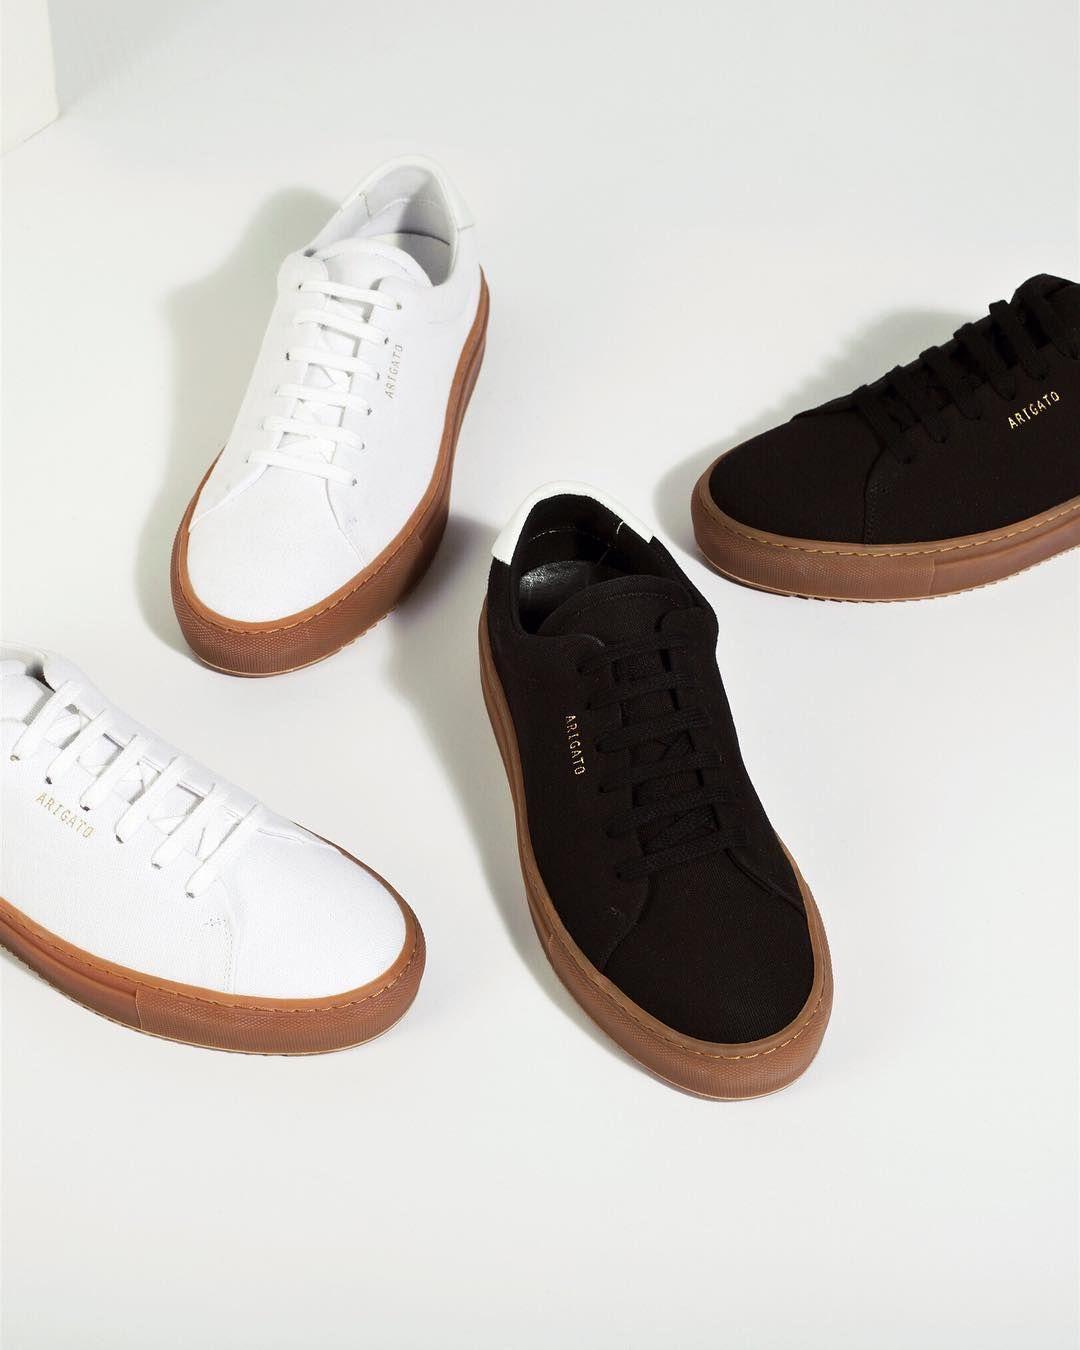 Sneakers, Tennis sneakers